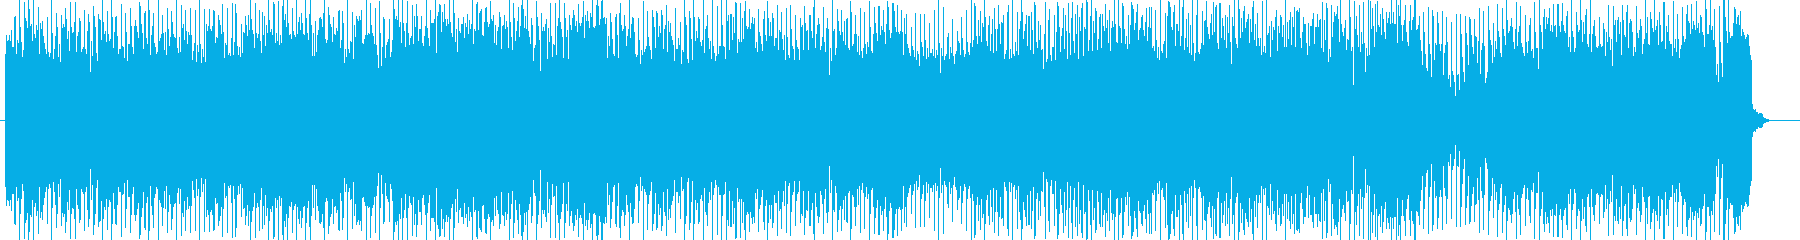 楽しげなLove Simulationの再生済みの波形